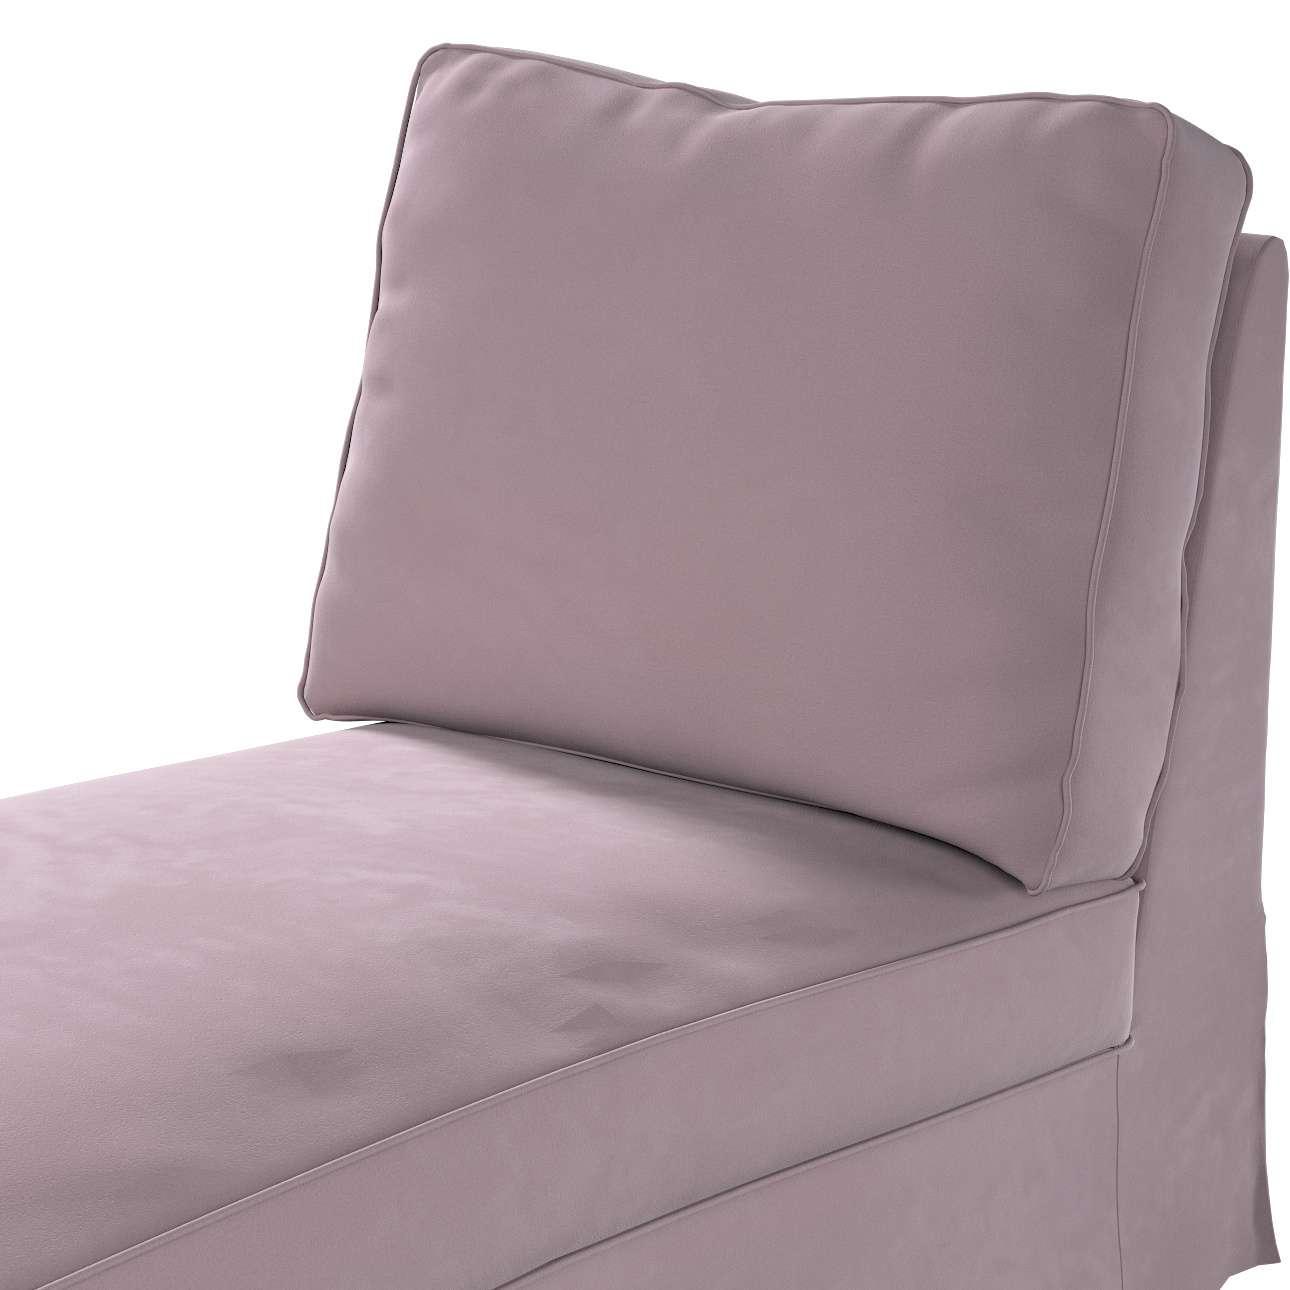 Pokrowiec na szezlong/ leżankę Ektorp wolnostojący prosty tył w kolekcji Velvet, tkanina: 704-14